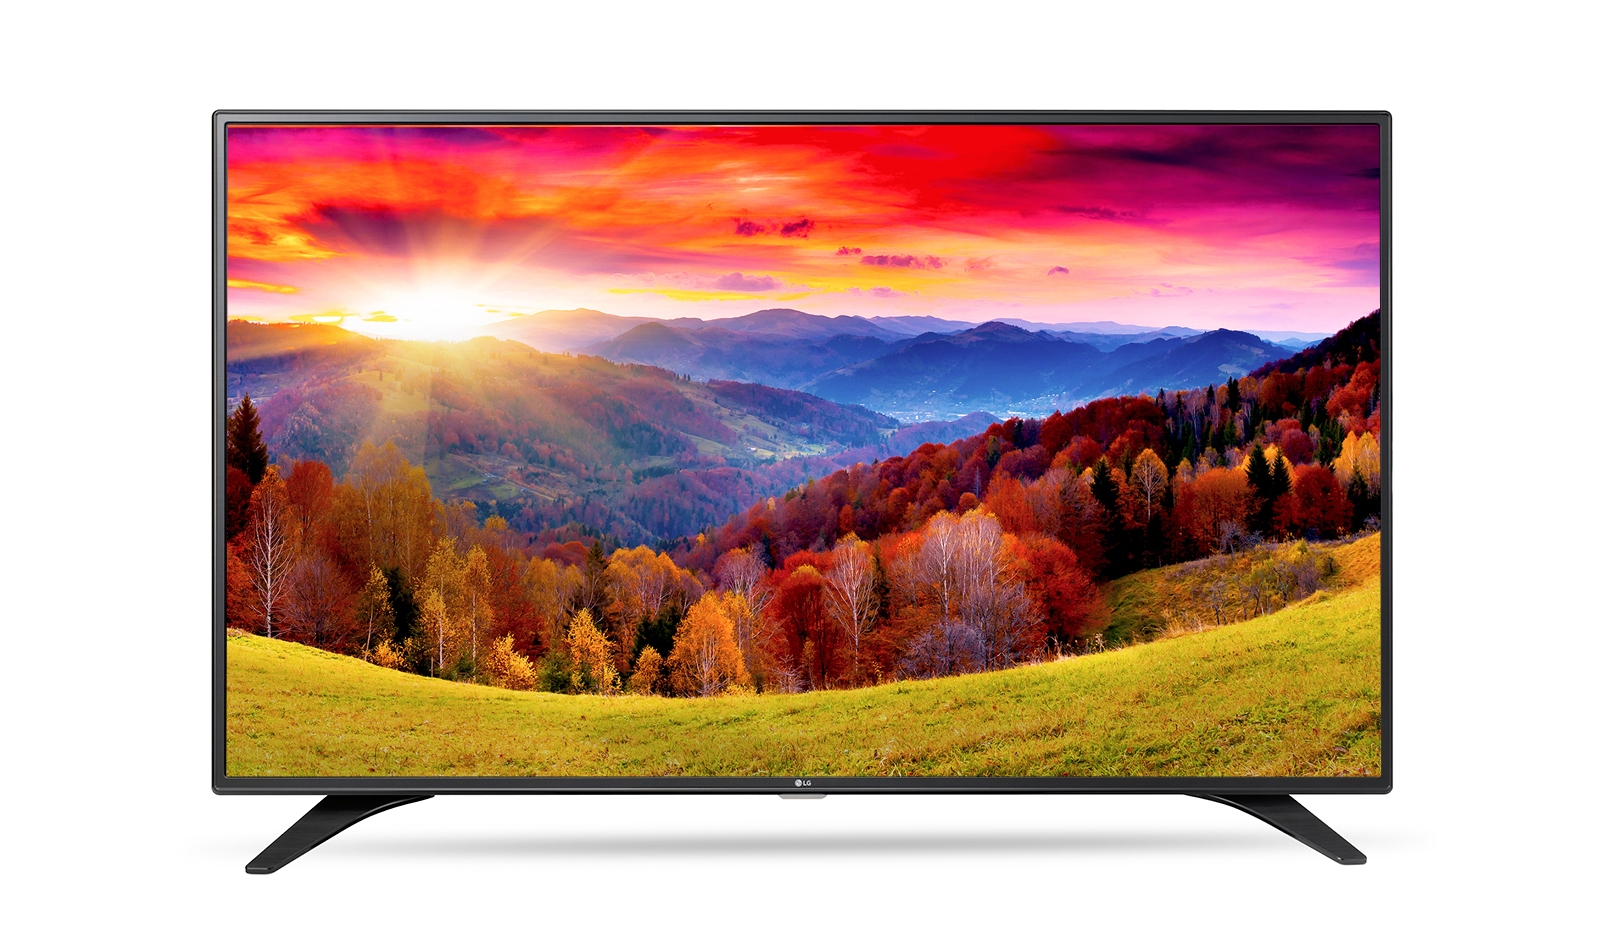 تلویزیون 32 اینچ ال جی مدل 510